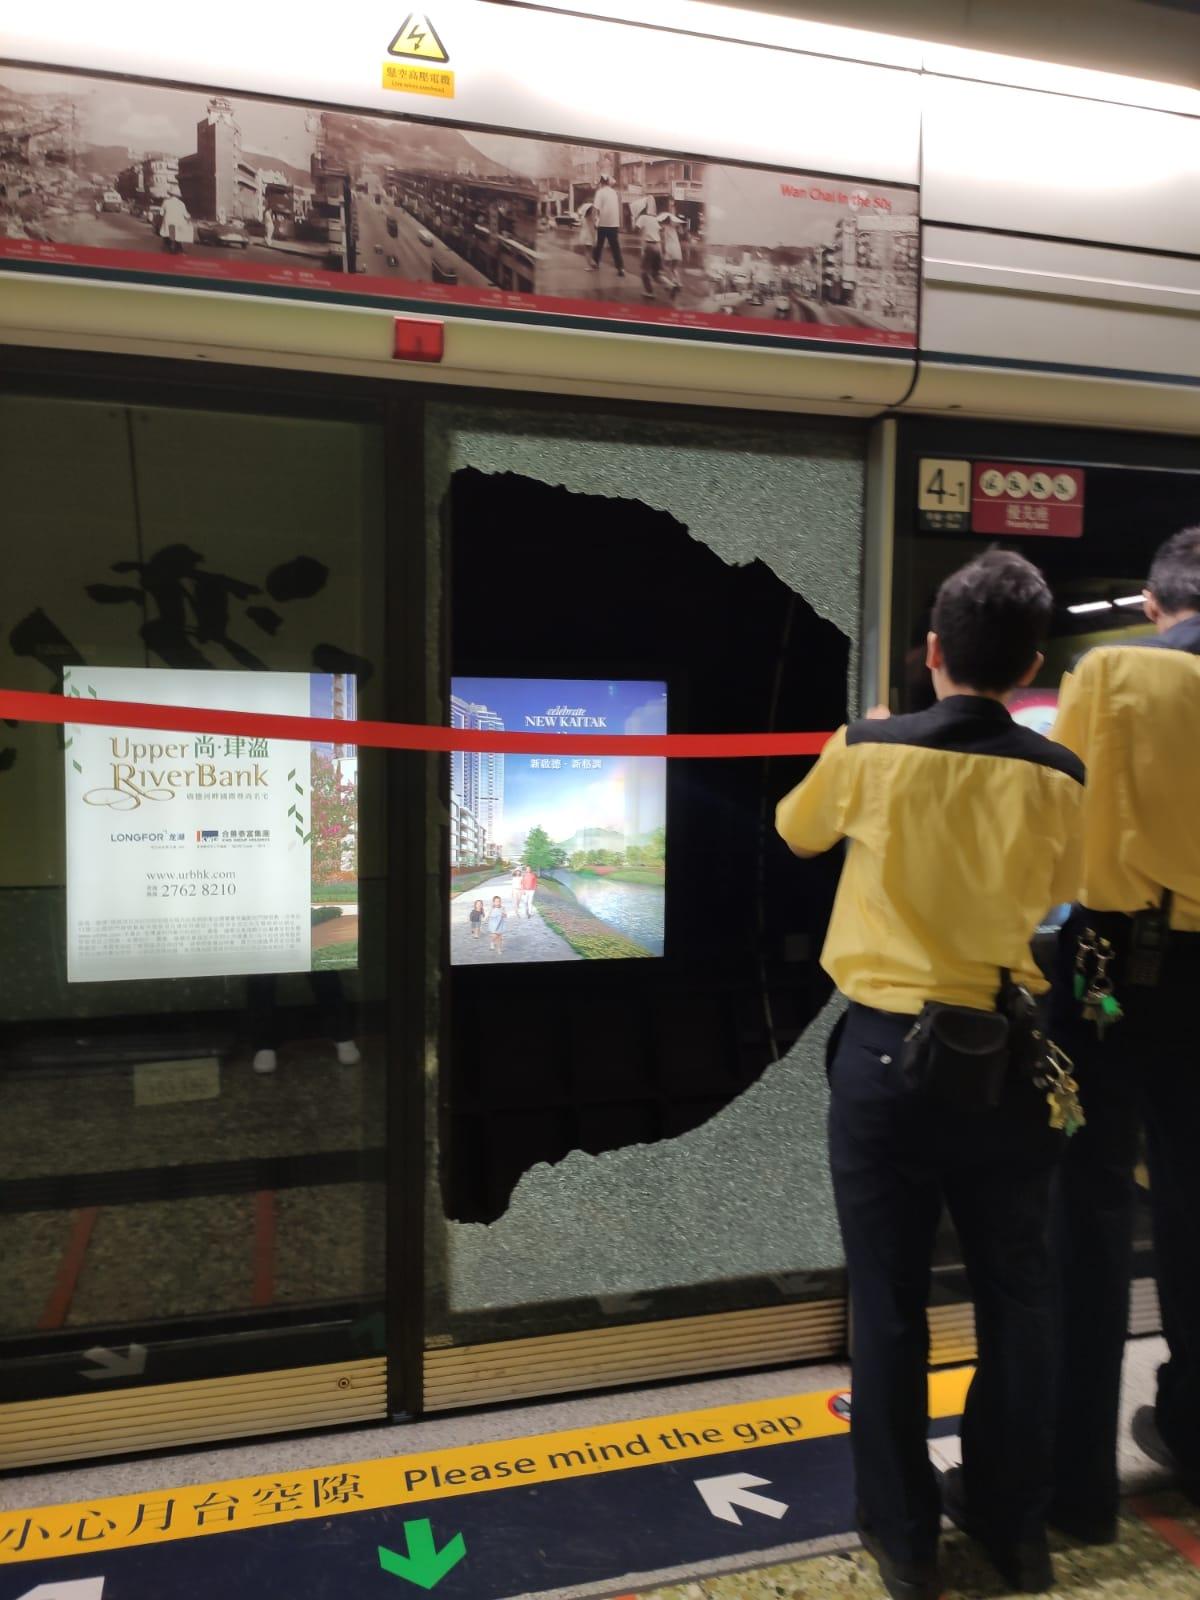 湾仔站月台幕门遭撞毁铁栏跌入路轨 港铁报警